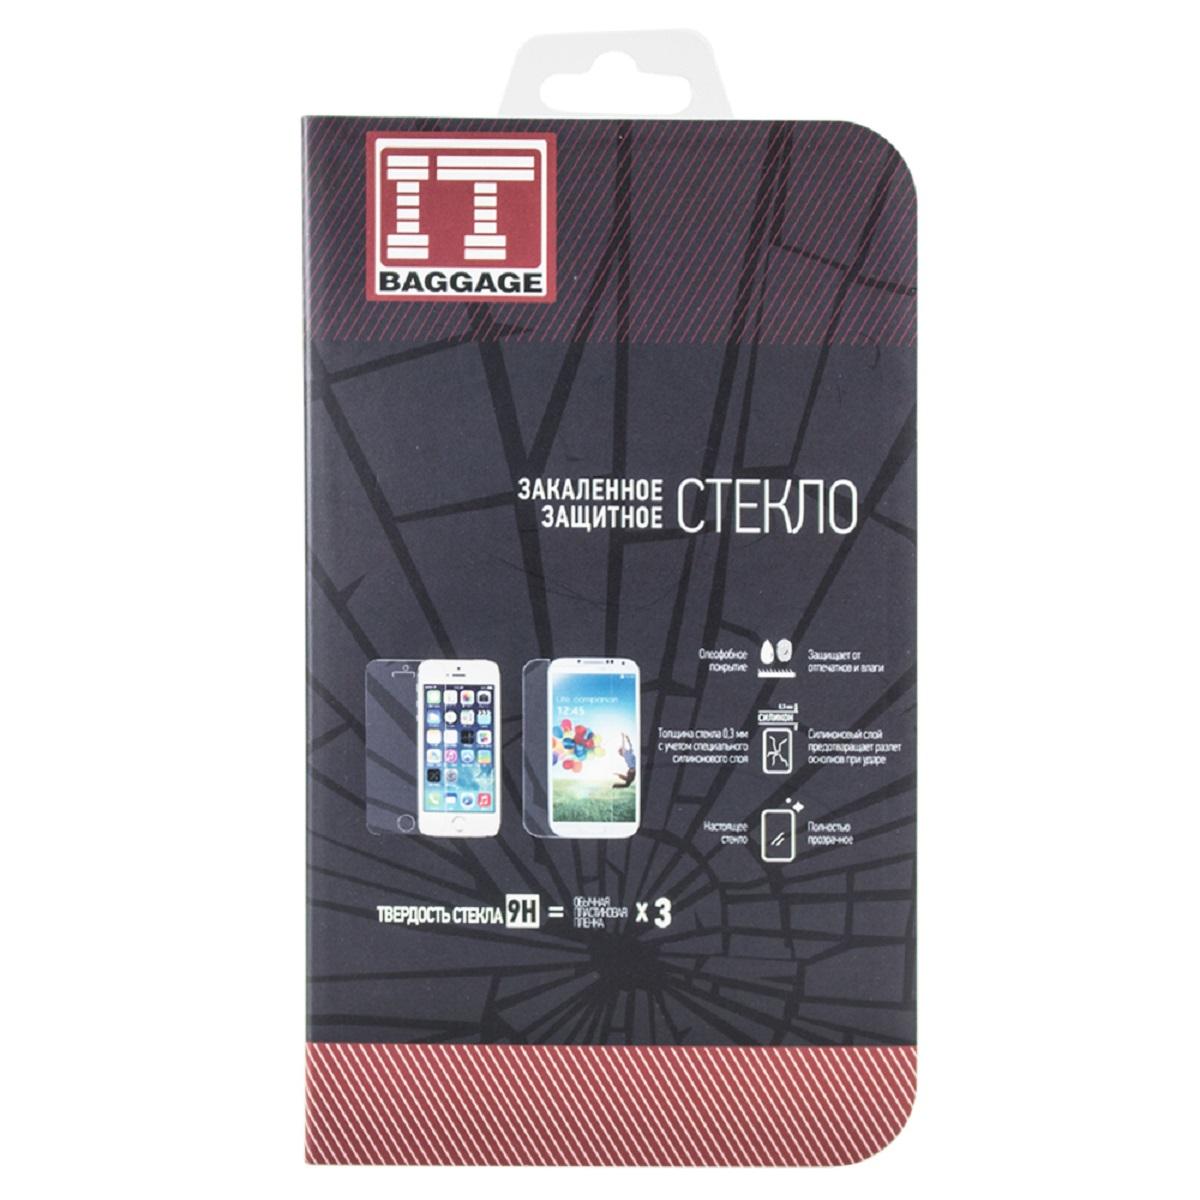 IT Baggage защитное стекло для Xiaomi Redmi Note 3ITXMRDN3GЗакаленное стекло IT Baggage для Xiaomi Redmi Note 3 - это самый верный способ защитить экран от повреждений и загрязнений. Обладает высочайшим уровнем прозрачности и совершенно не влияет на отклик экранного сенсора и качество изображения. Препятствует появлению отпечатков и пятен. Удалить следы жира и косметики с поверхности аксессуара не составить ни какого труда. Характеристики защитного стекла делают его износостойким к таким механическим повреждениям, как царапины, сколы, потертости. При сильном ударе разбившееся стекло не разлетается на осколки, предохраняя вас от порезов, а экран устройства от повреждений. После снятия защитного стекла с поверхности дисплея, на нем не остаются повреждения, такие как потертости и царапины.